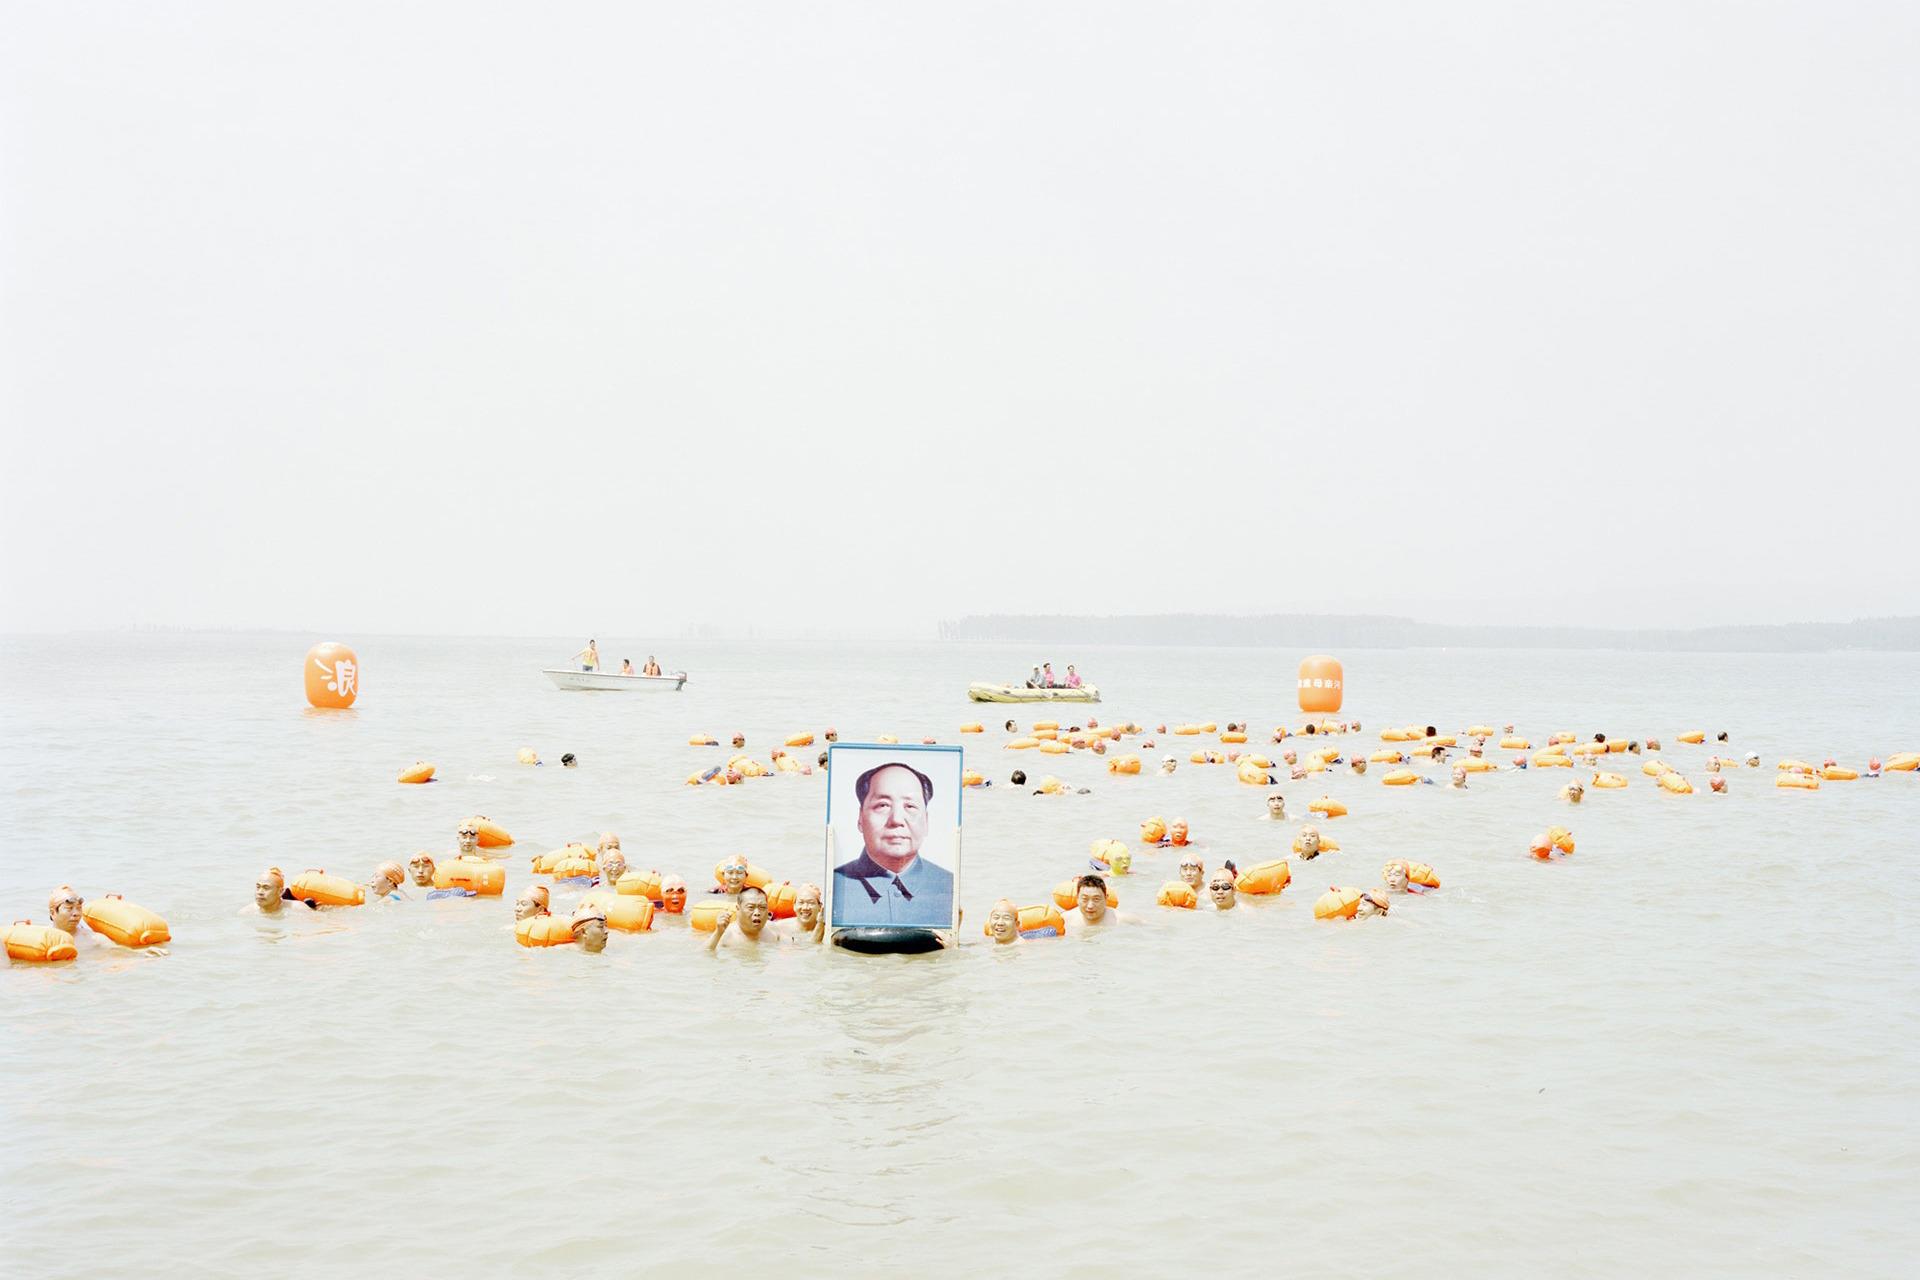 Фото: Чжан Кечун